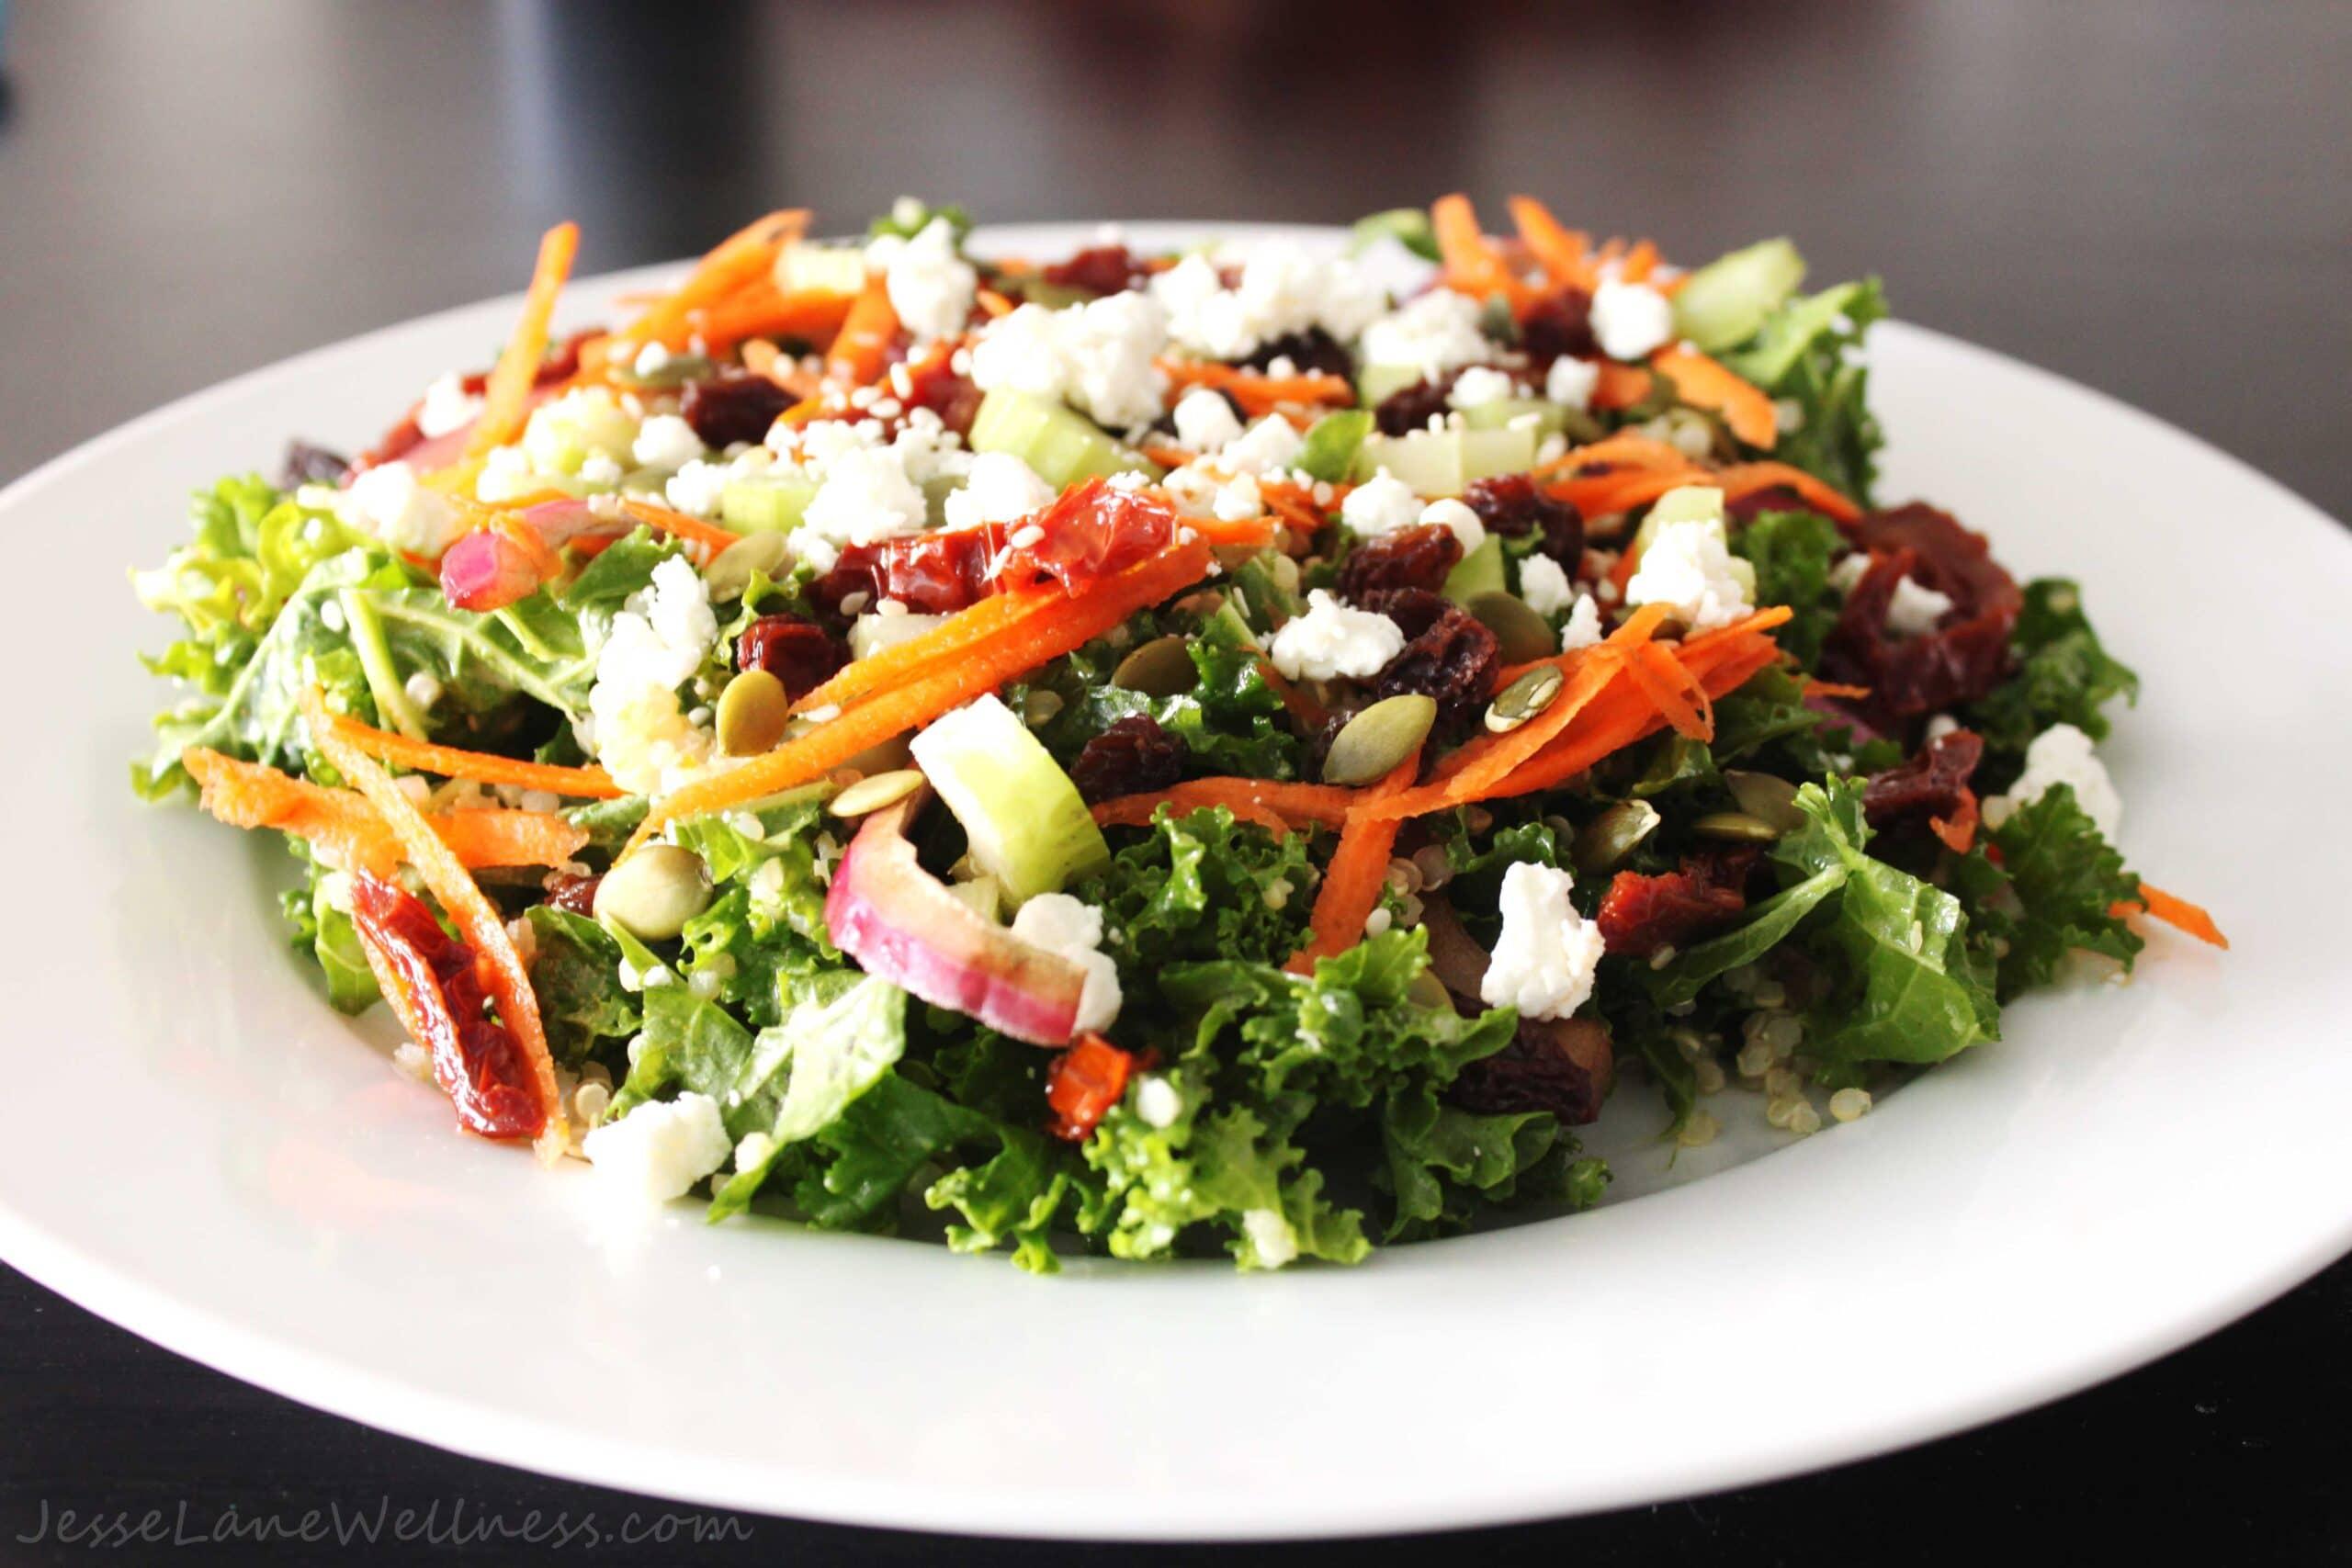 Curry Kale Quinoa Salad by @JesseLWellness #salad